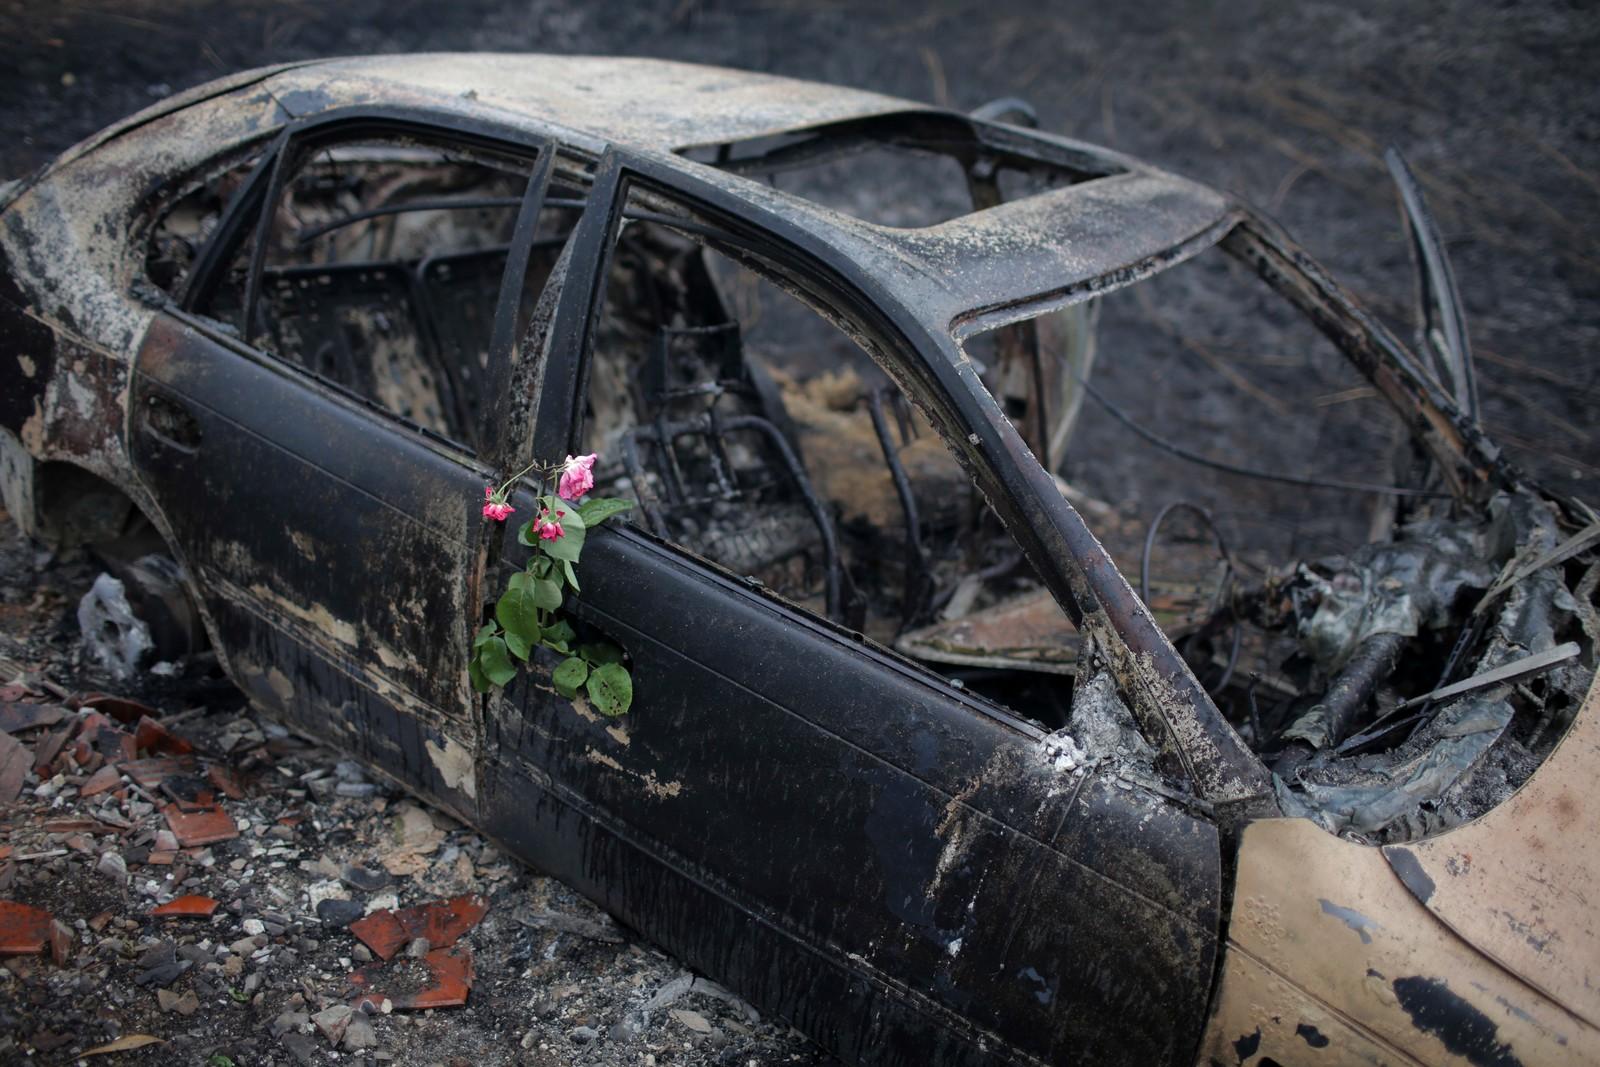 Blomster er lagt ut i en bil der en kvinne omkom i Nodeirinho.